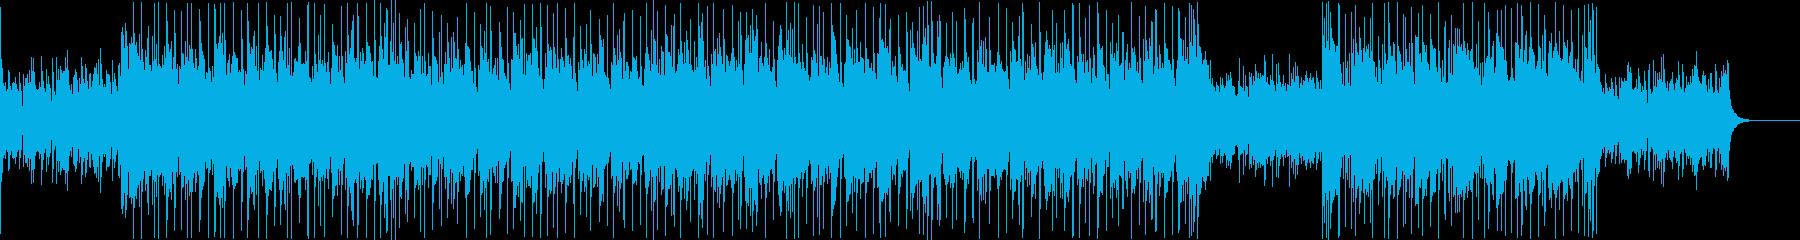 生アコギ神秘的、エスニック的生バンドの再生済みの波形